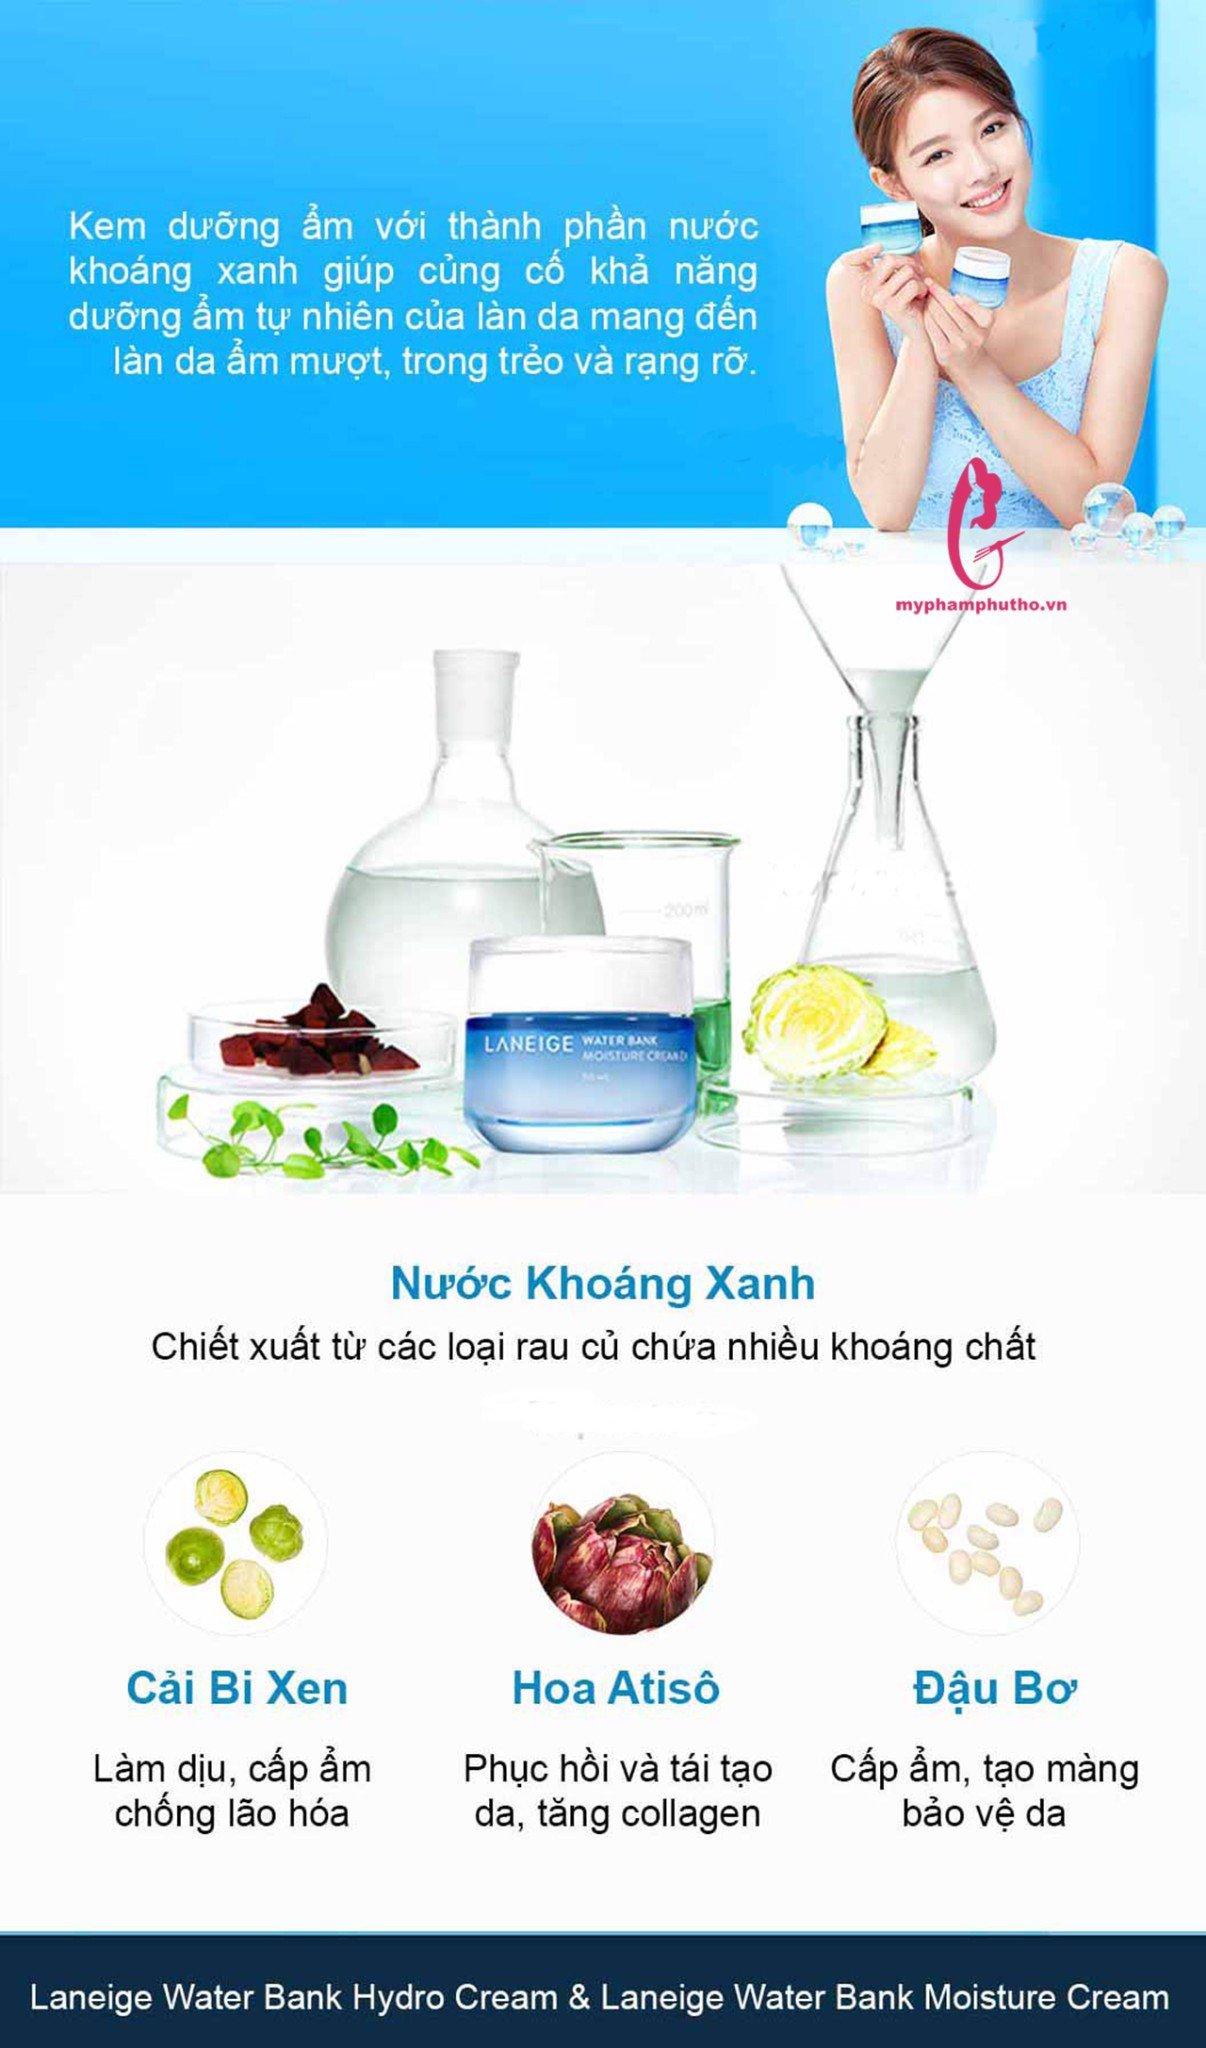 Thành phần nổi bật của kem dưỡng ẩm Laneige Water Bank Moisture Cream EX